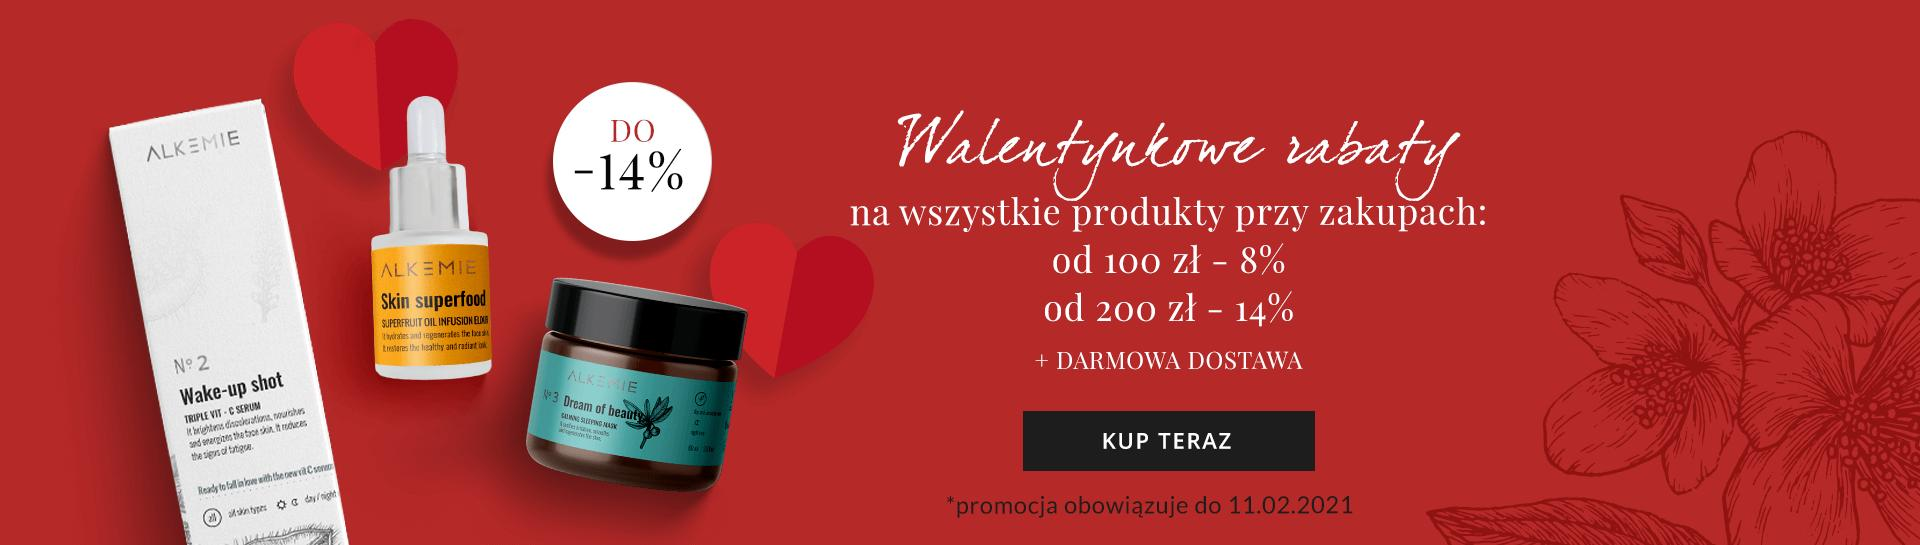 Alkemie: 14% zniżki na kosmetyki naturalne przy zakupach za min. 200 zł, 8% zniżki przy zakupach za min. 100 zł